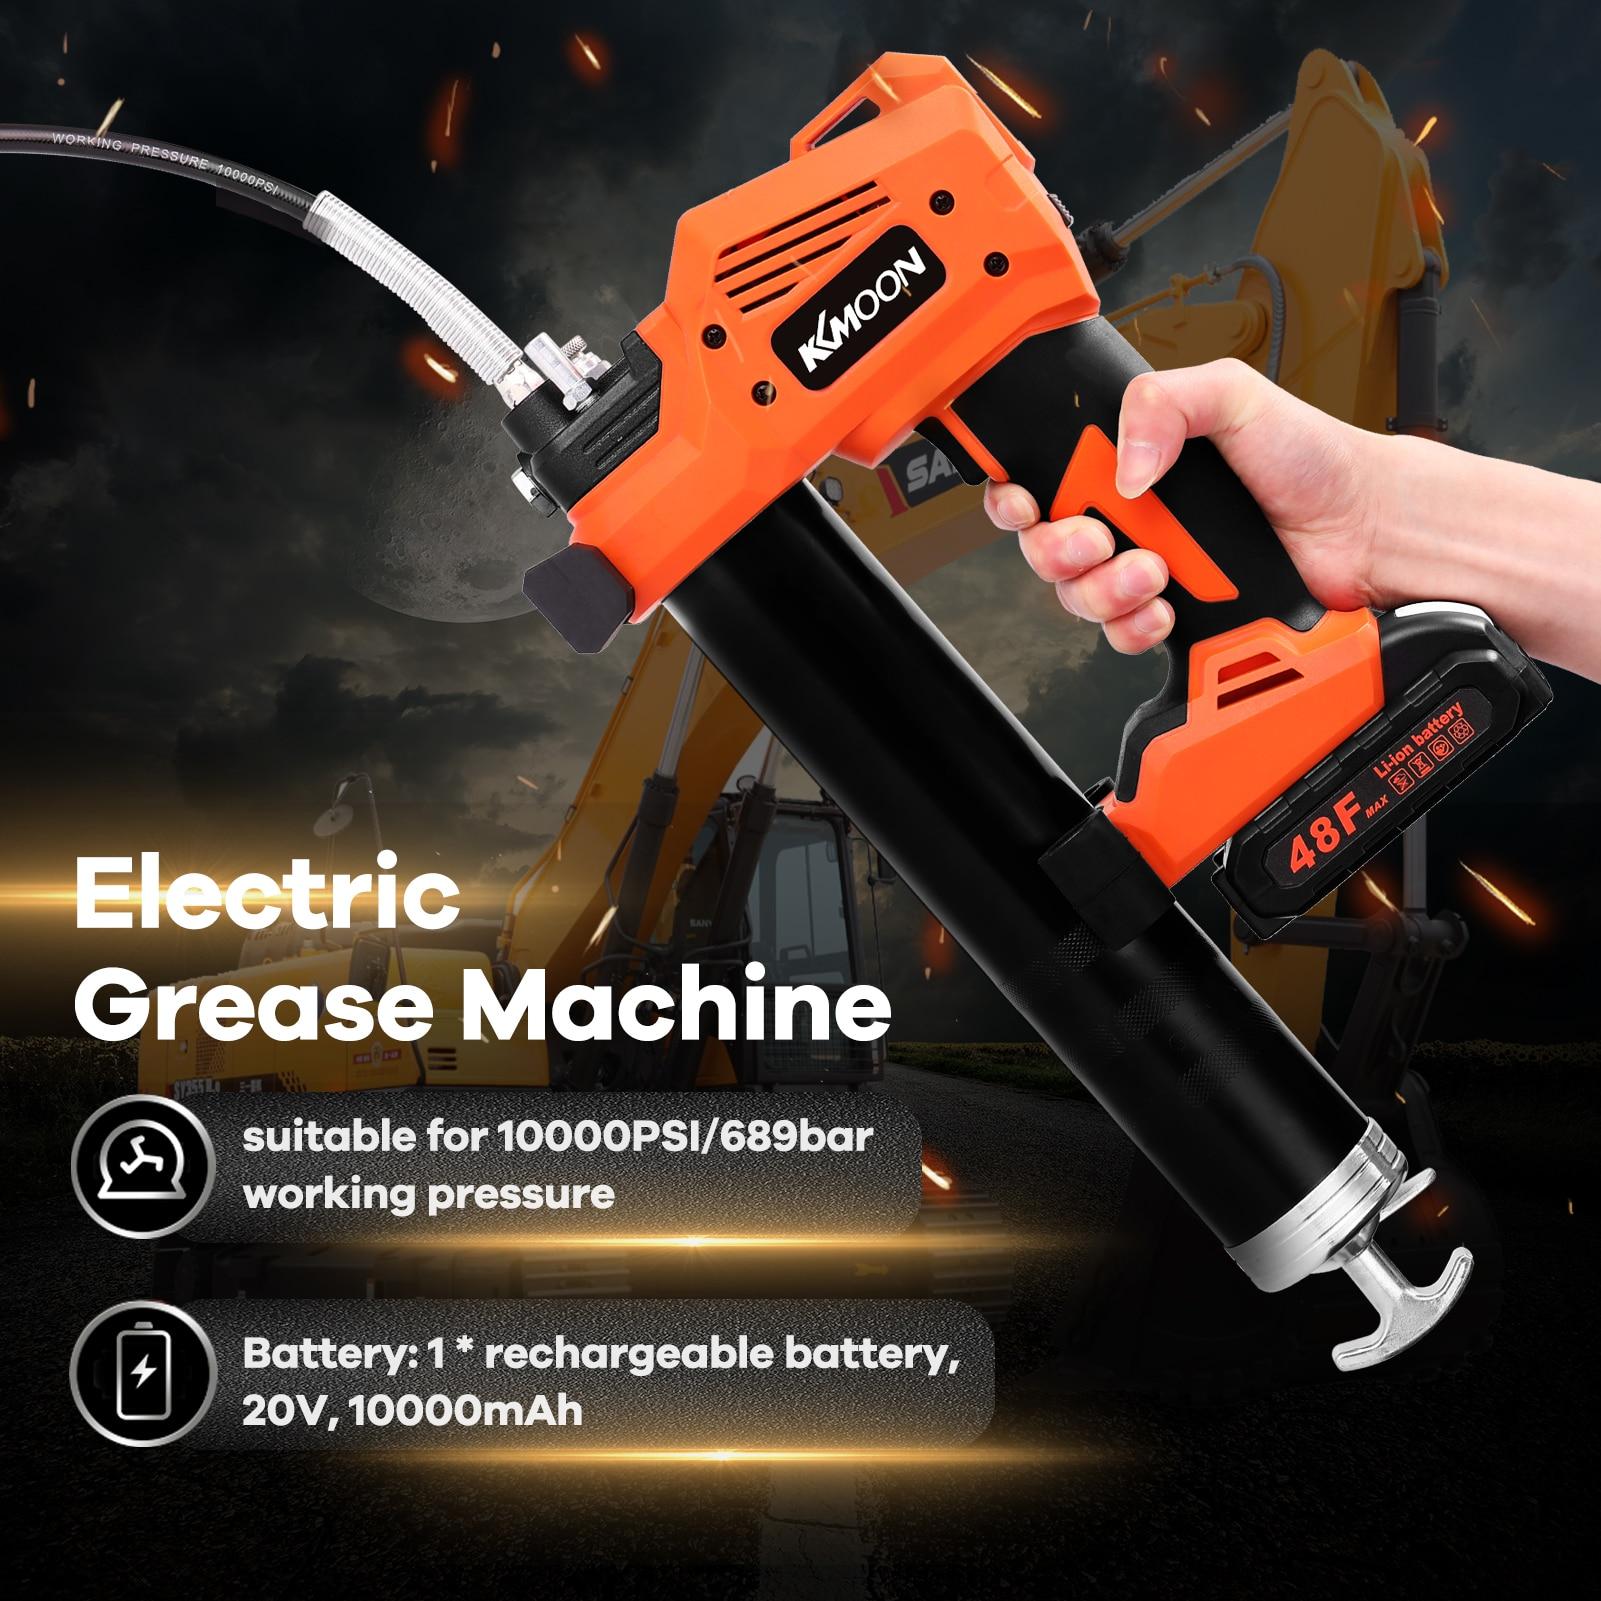 آلة الشحوم الكهربائية S88 اللاسلكي القابلة لإعادة الشحن آلة الشحوم الكهربائية عالية الضغط سيارة زيت تشحيم التزود بالوقود أداة